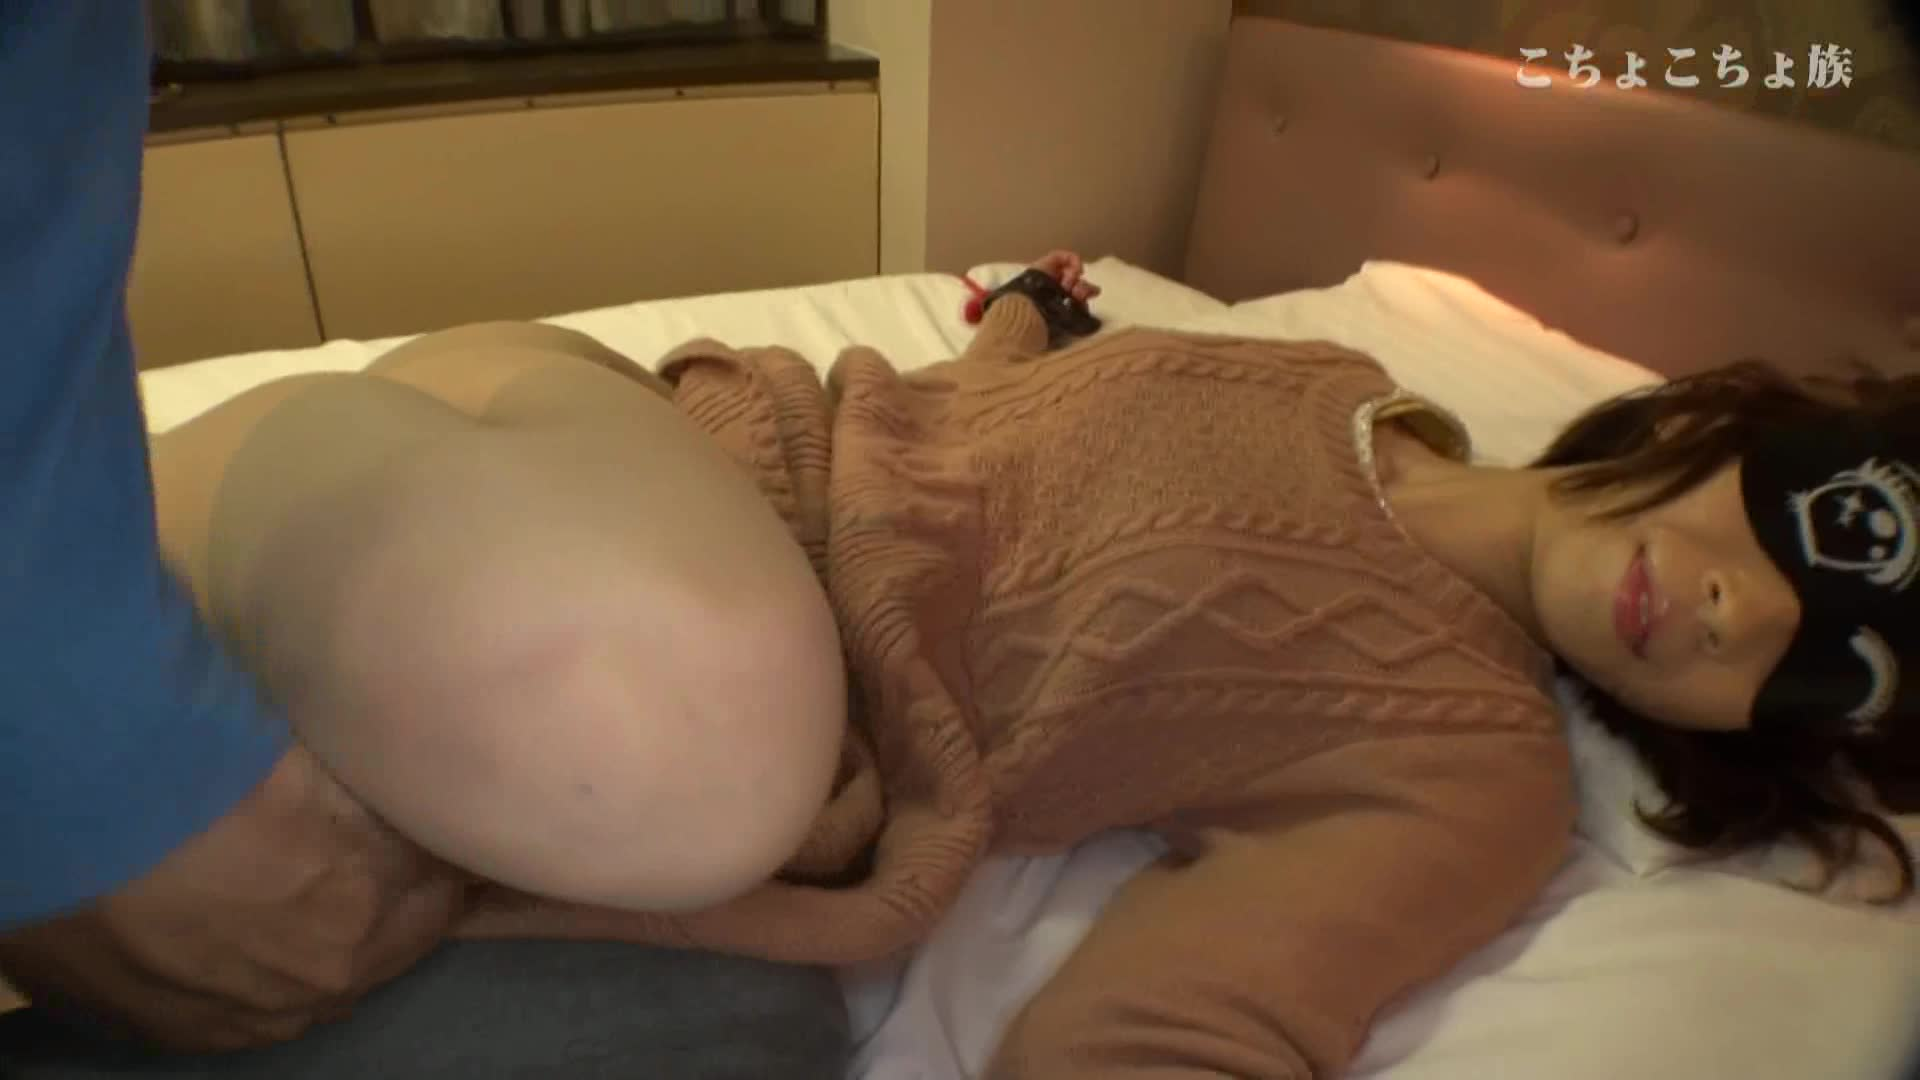 <『生意気黒ギャルばかりを狙うオイルマッサージ店5